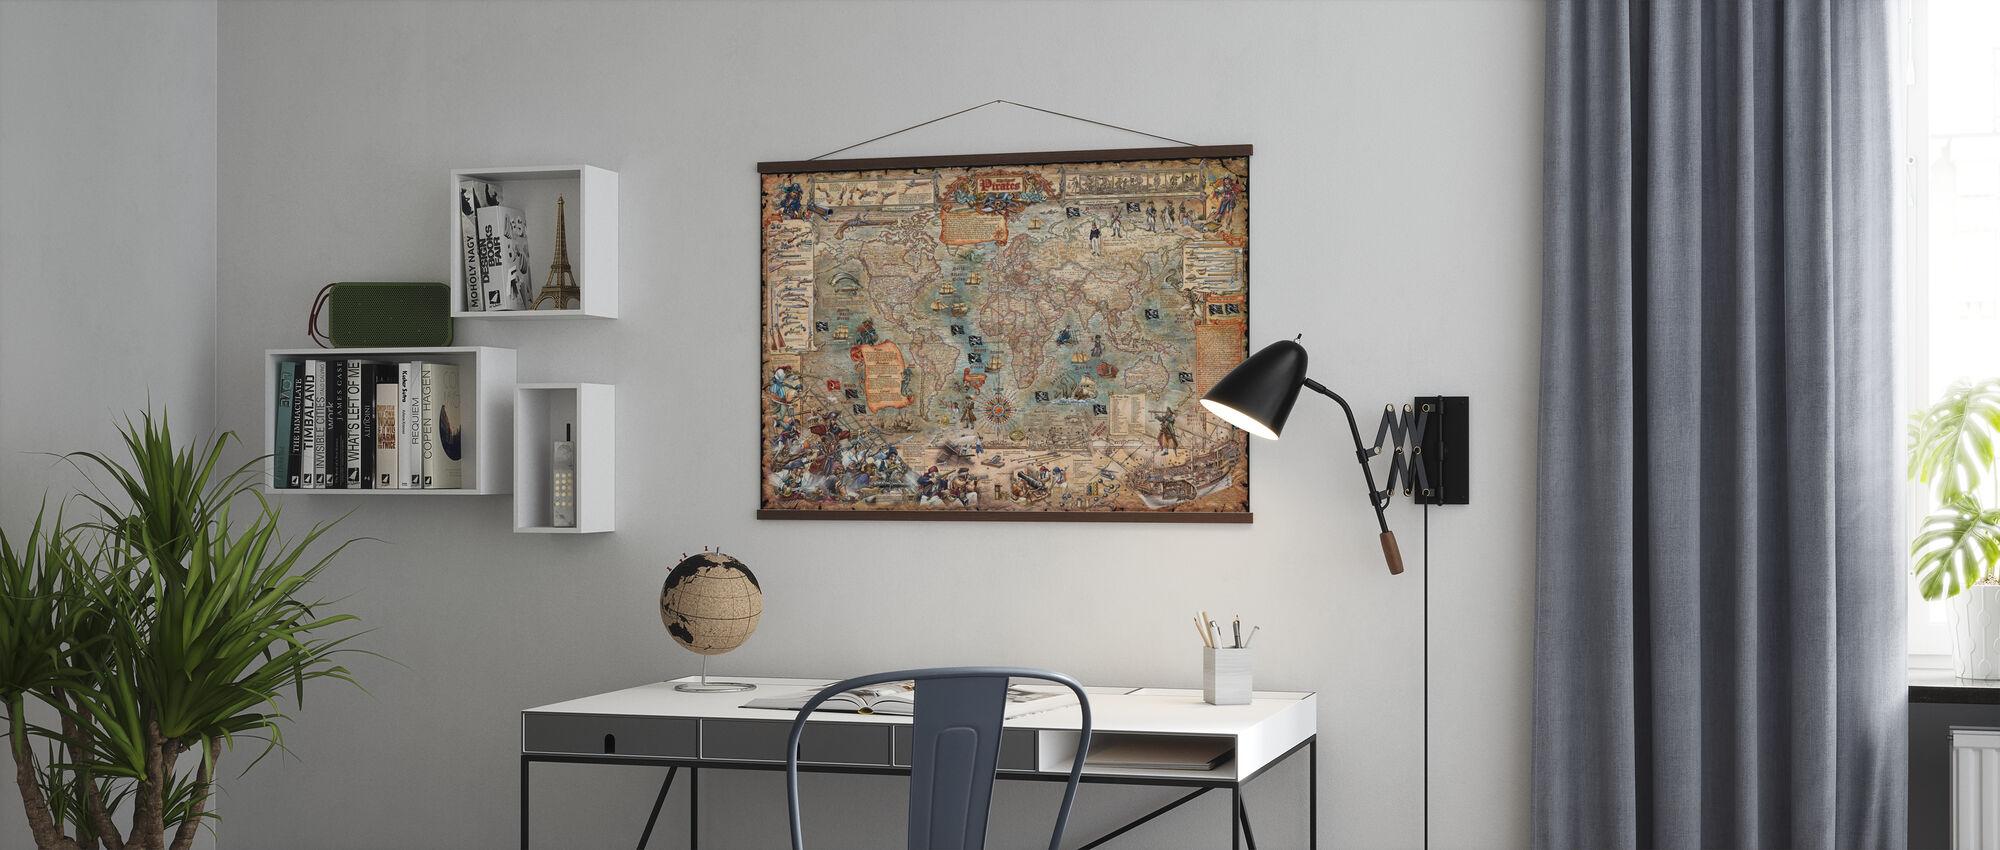 Pirate Kartta - Juliste - Toimisto